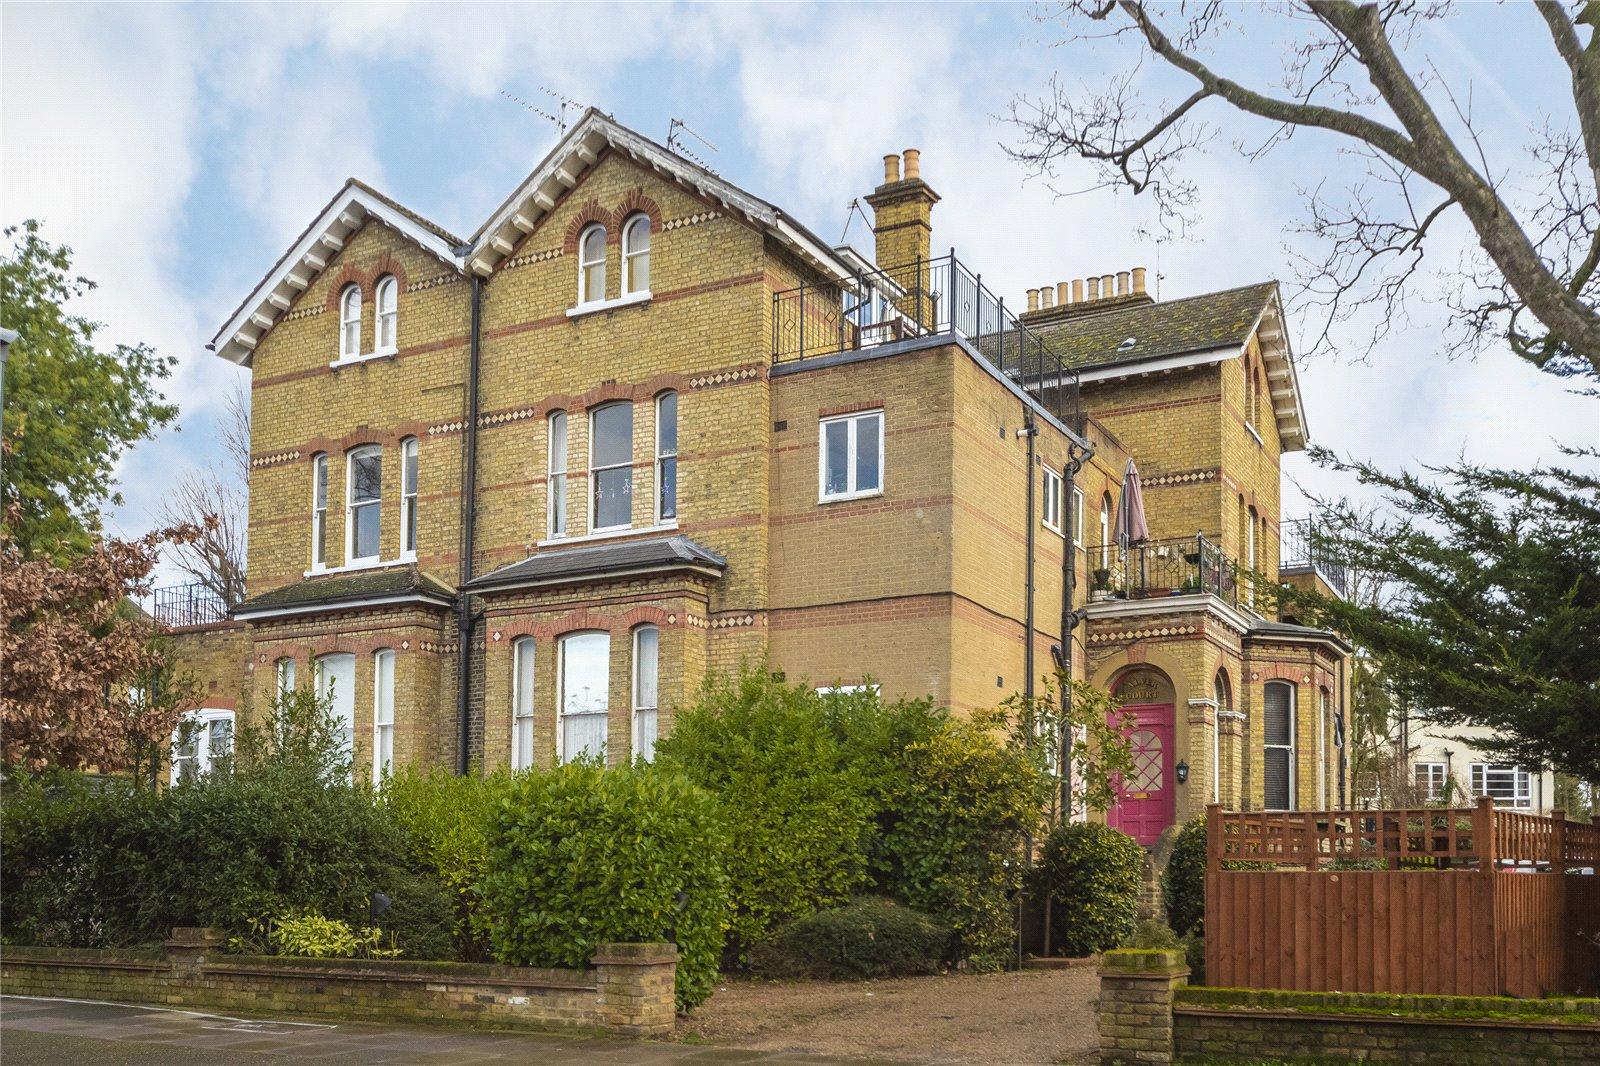 Riverdale Road, Twickenham, TW1 2BS - Antony Roberts